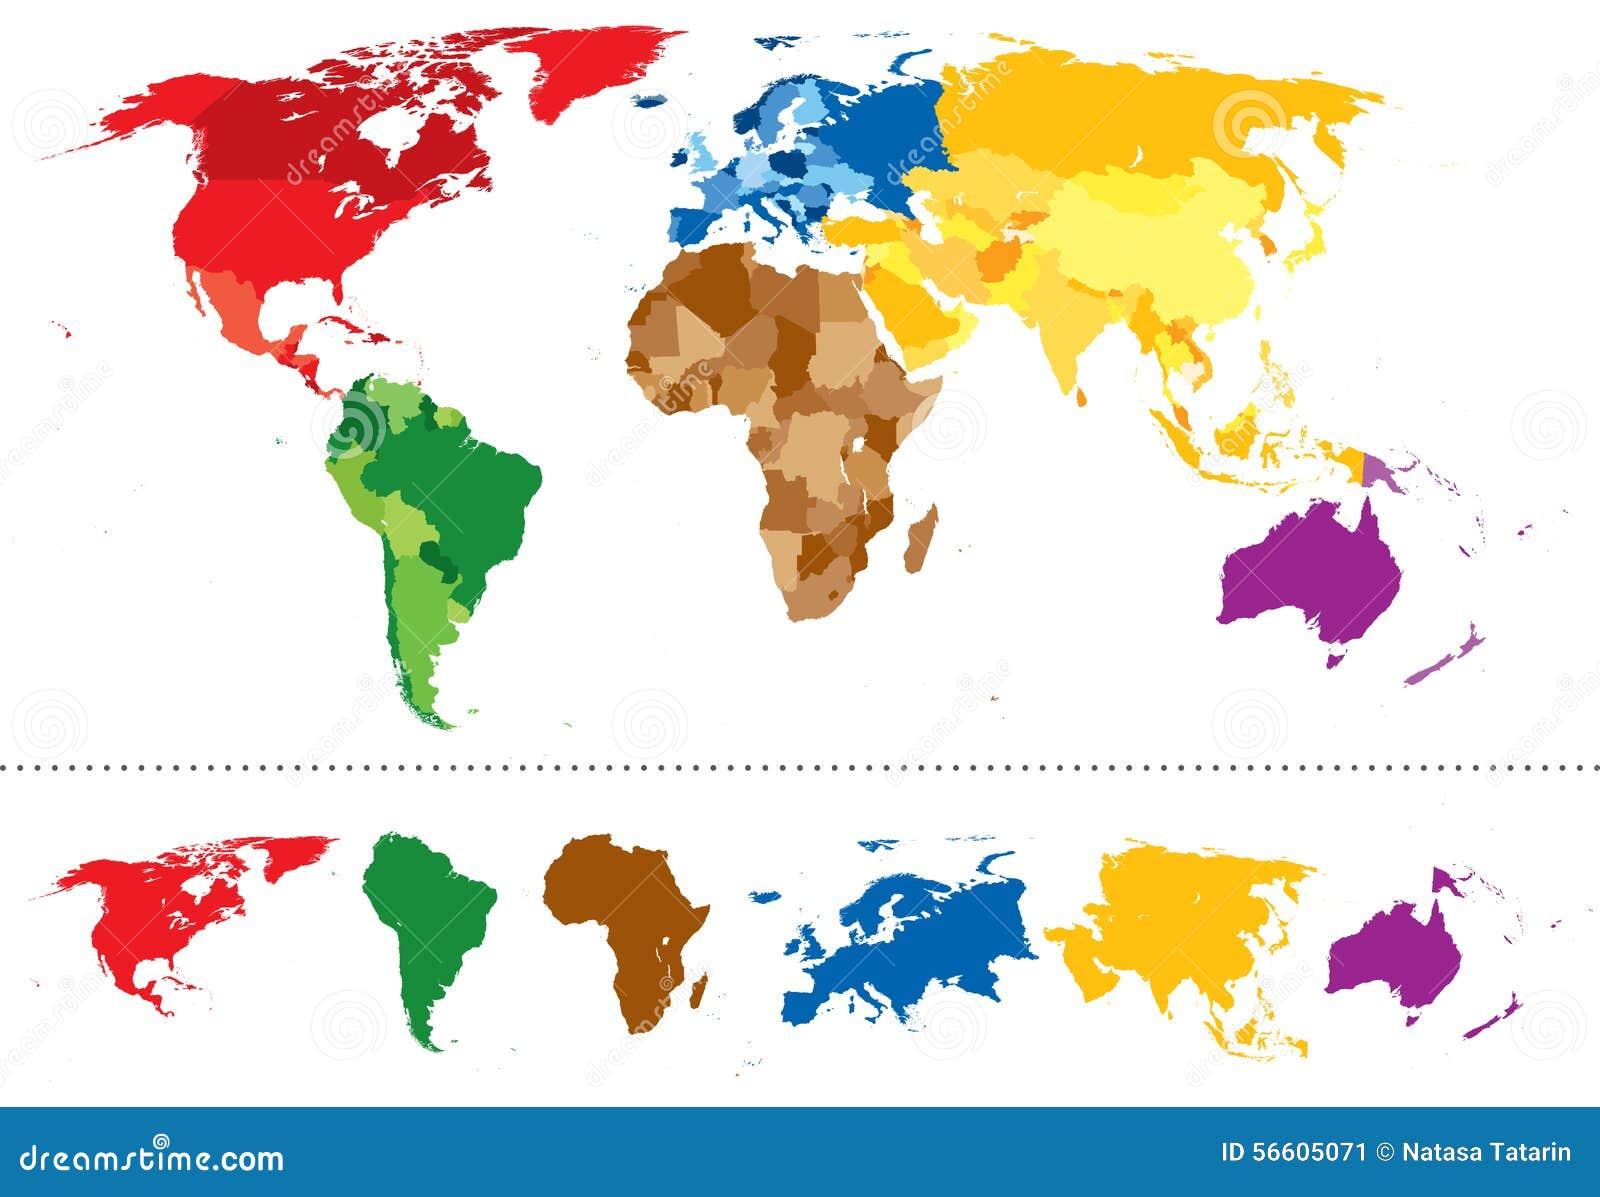 Icono De Ubicacion Icono De Ubicacion Carta Lápiz Png Y: Continentes Del Mapa Del Mundo Multicolores Ilustración